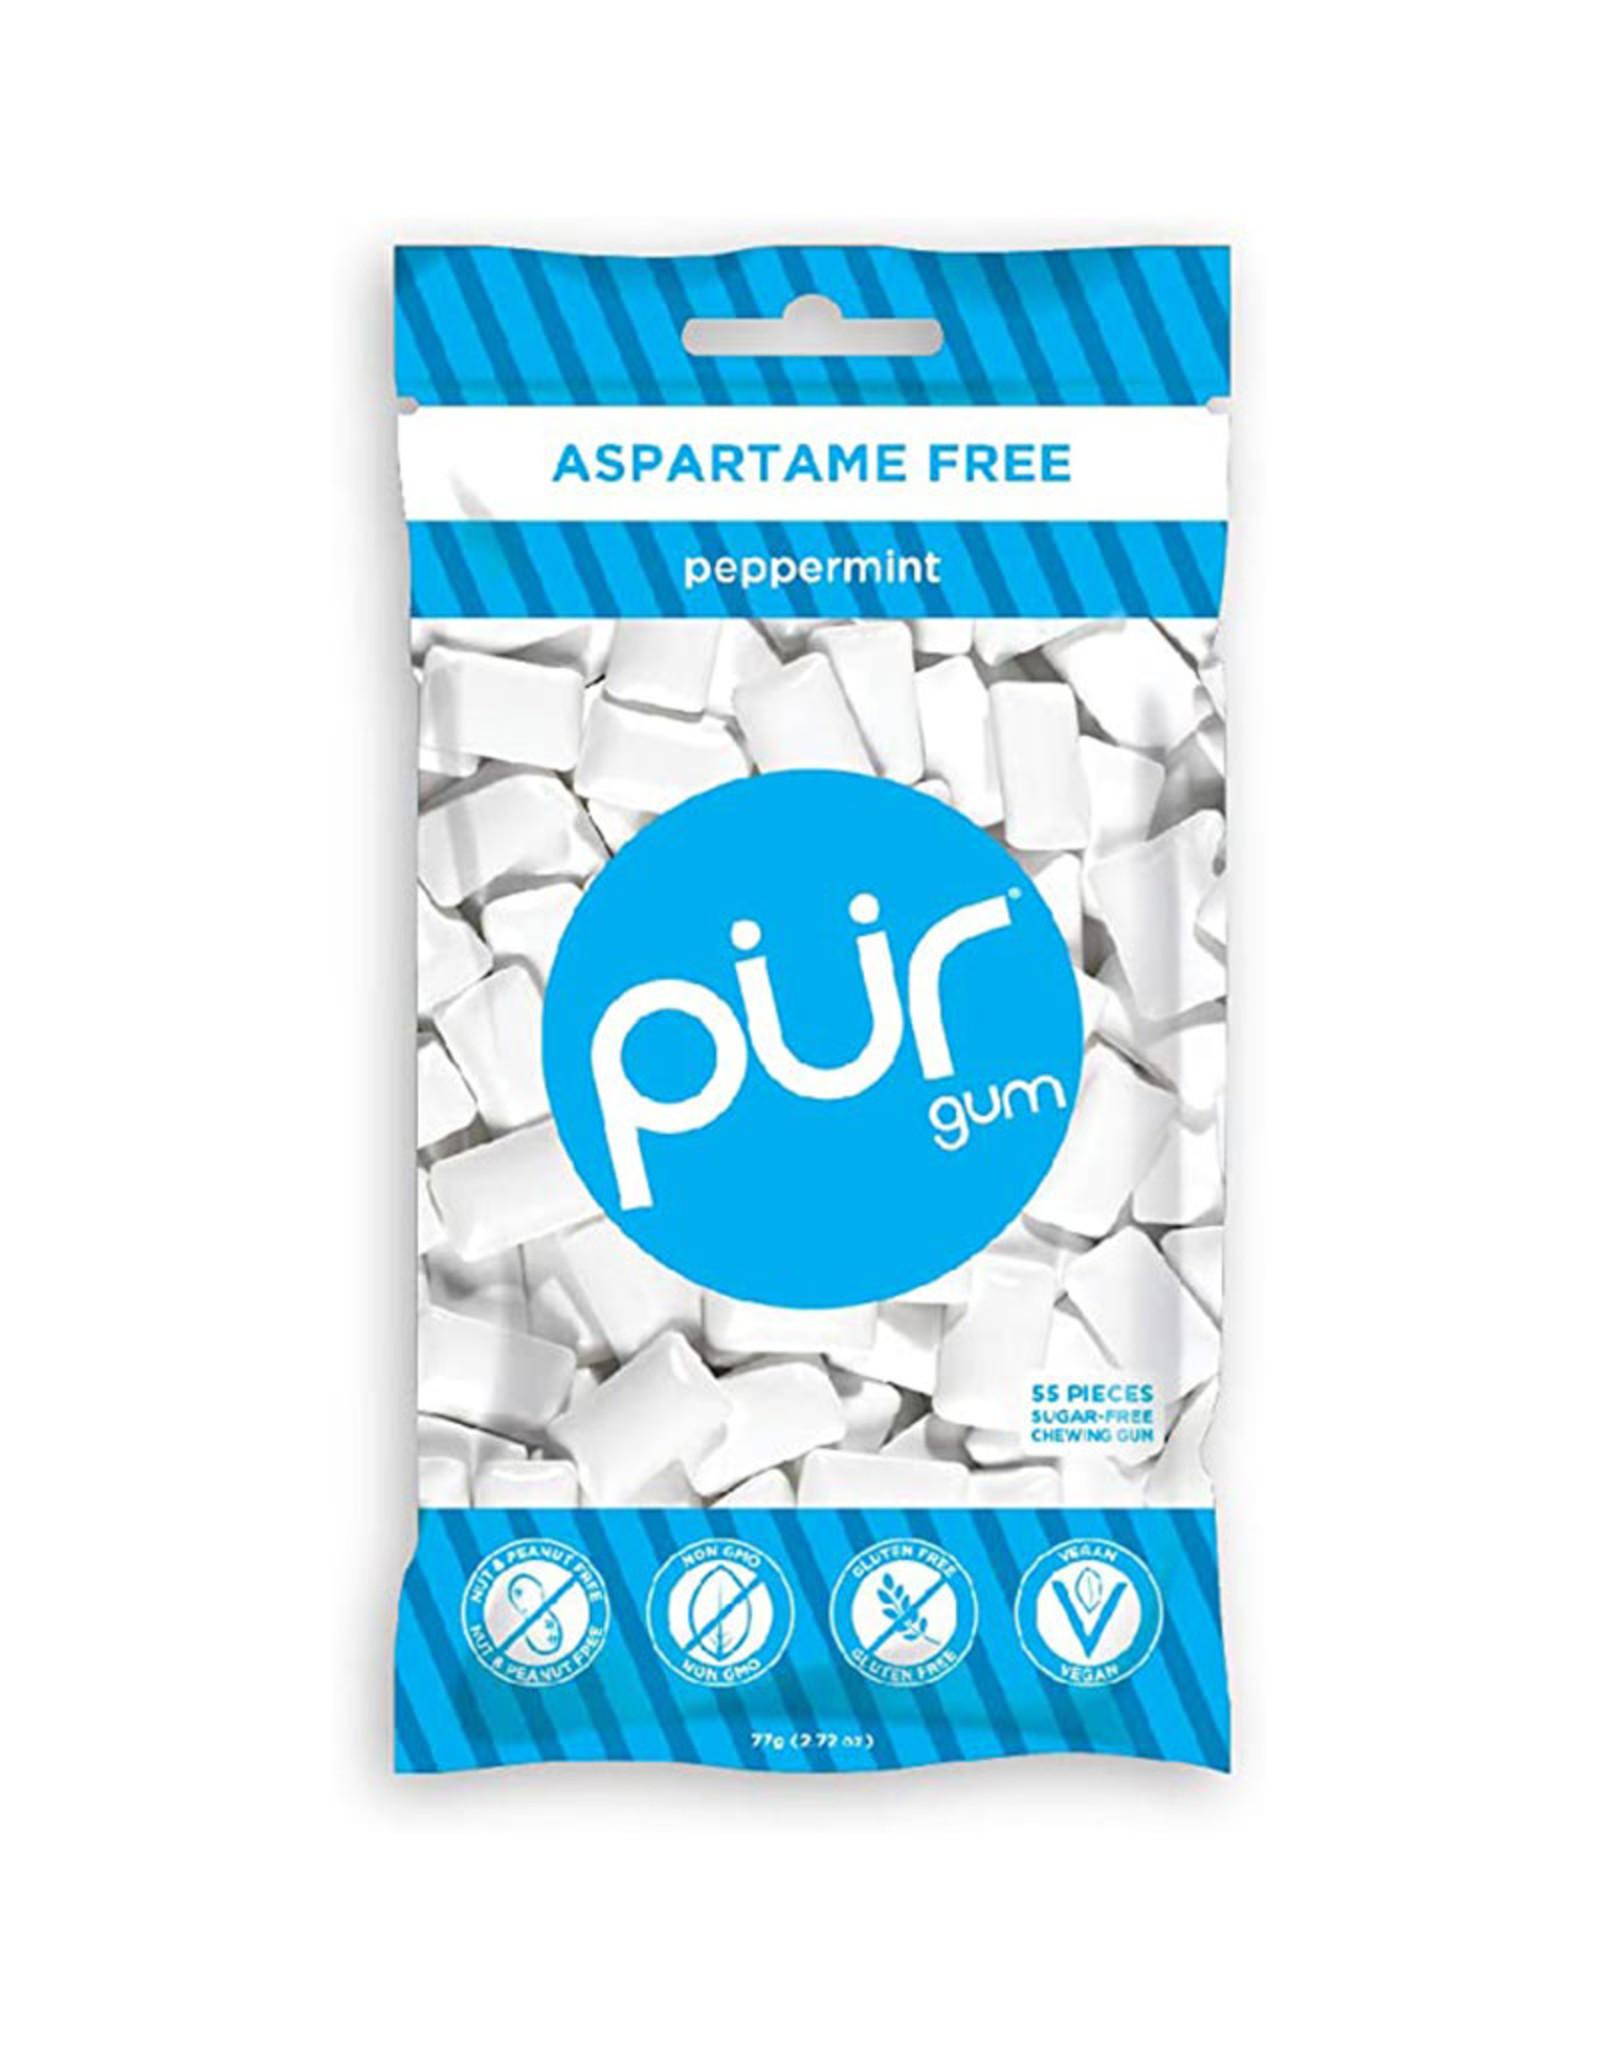 PUR PUR - Gum, Peppermint (Bag)